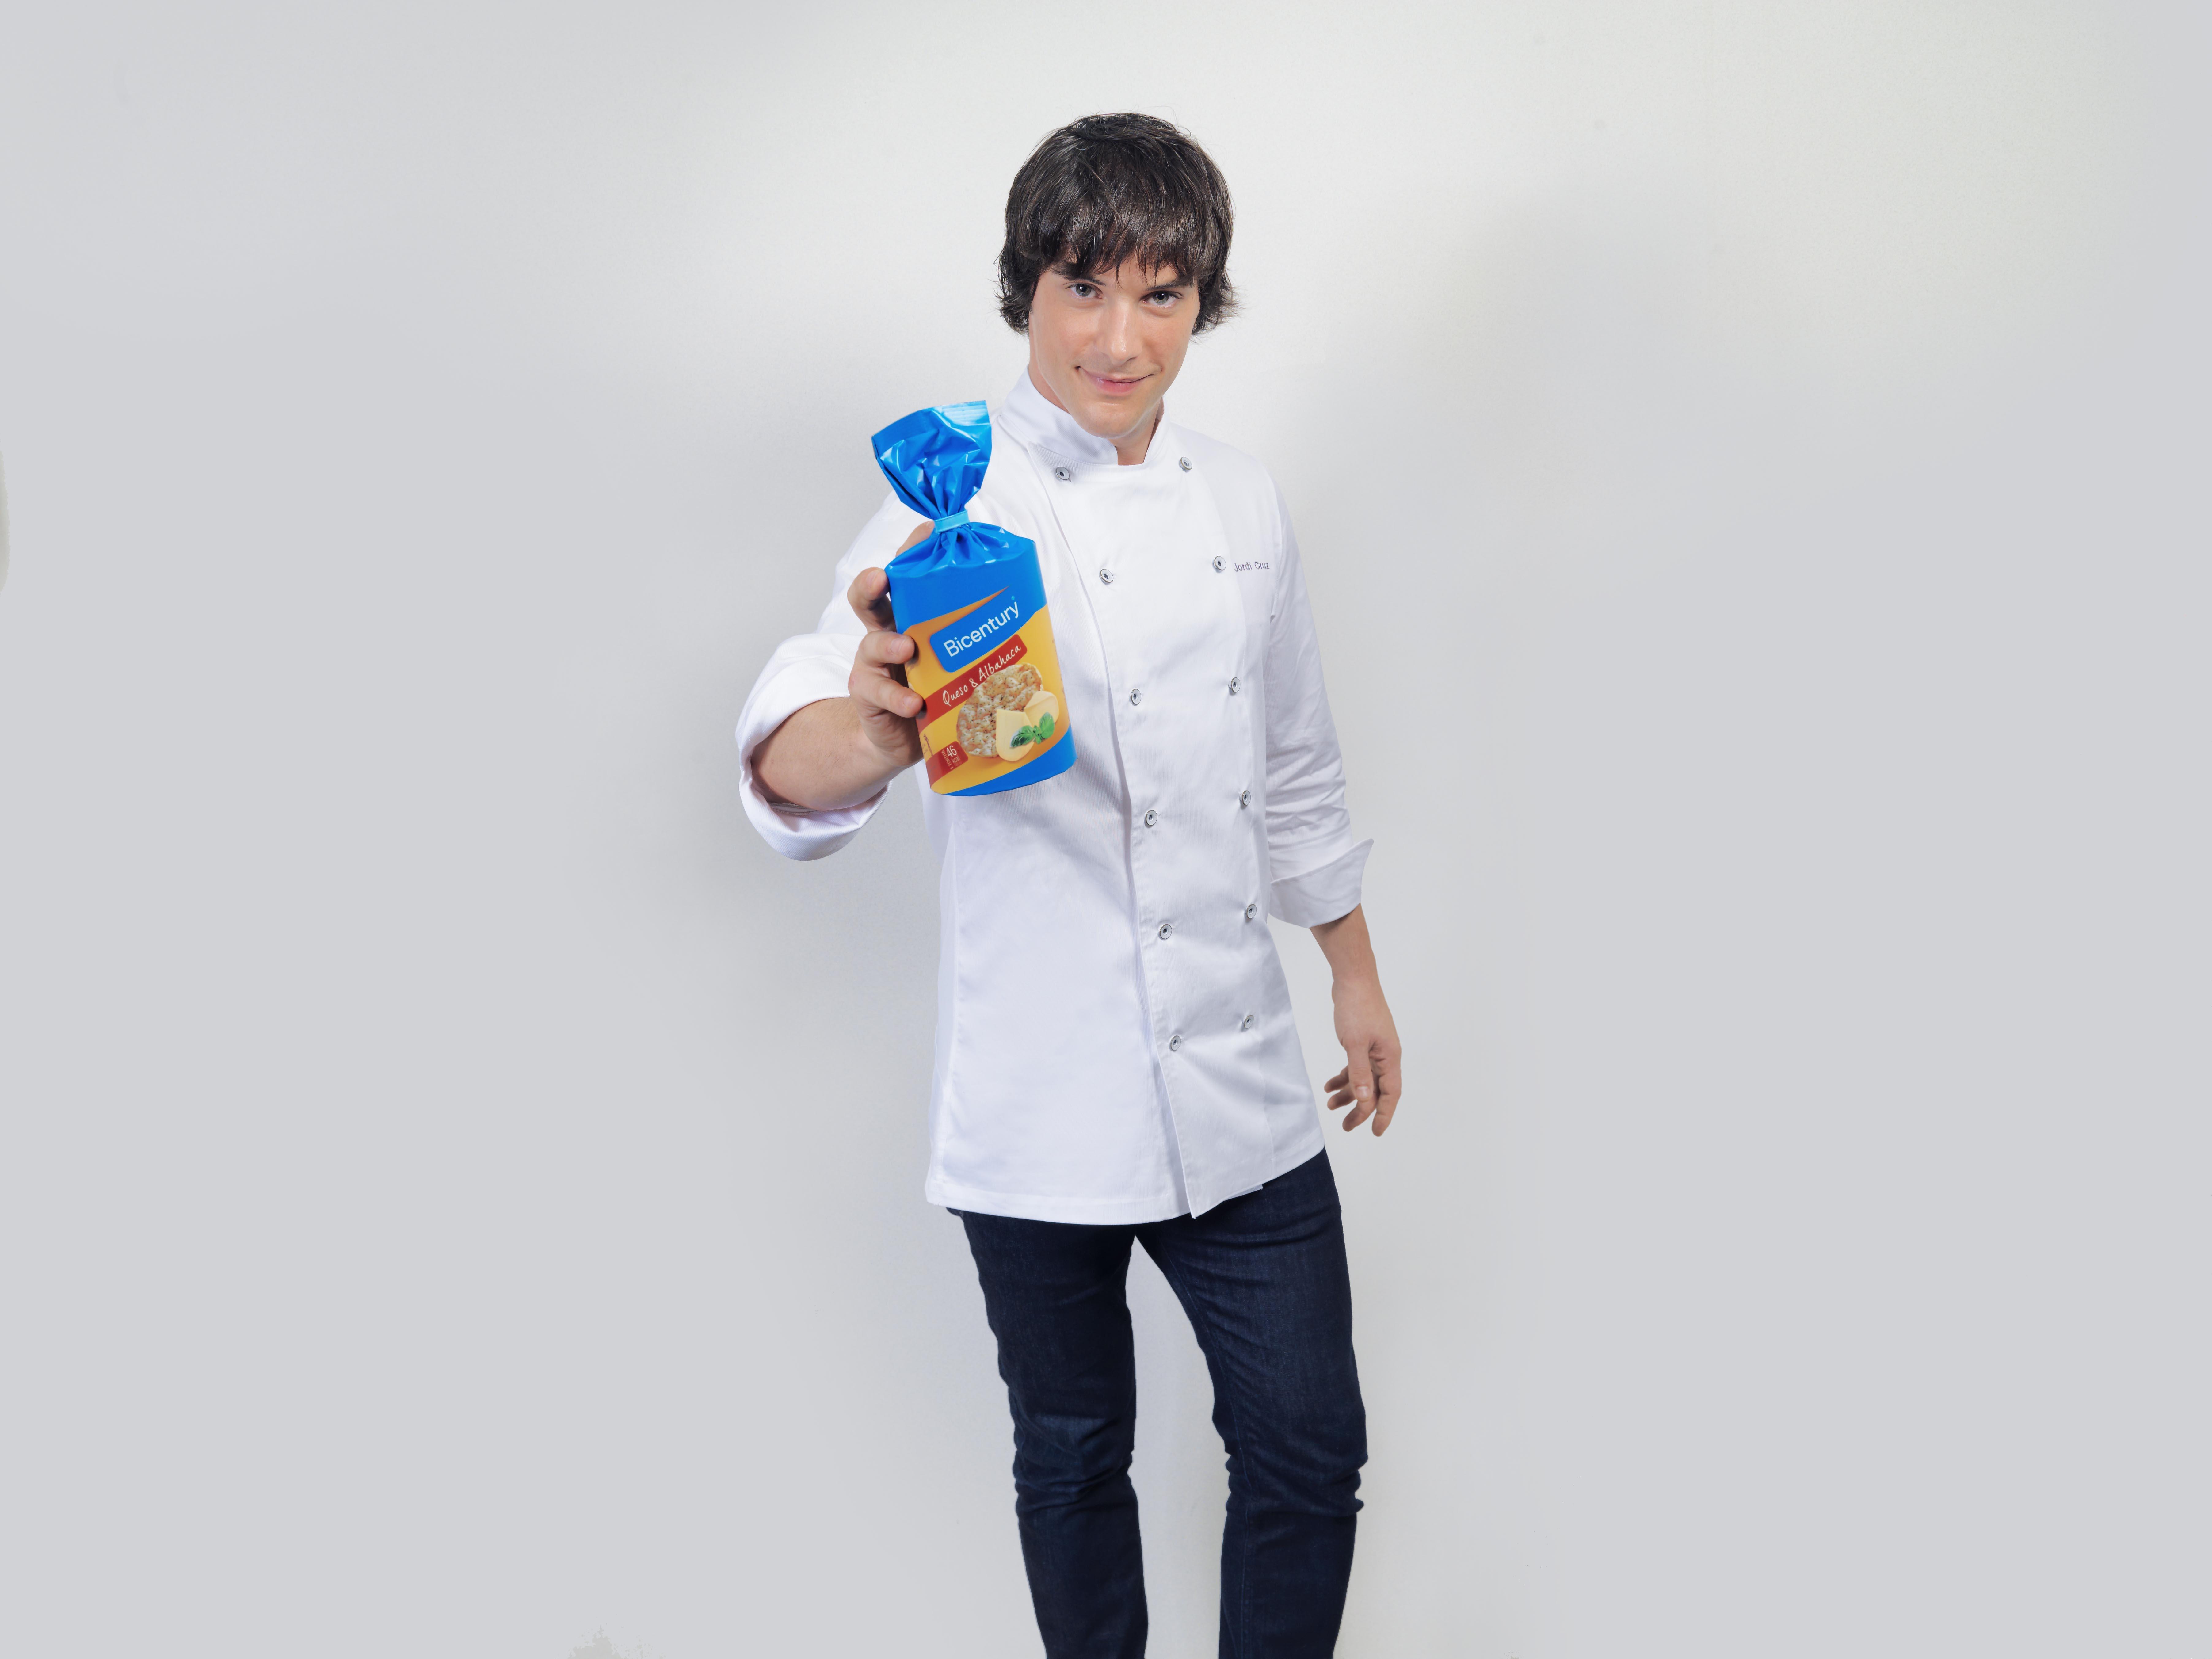 Bicentury y Jordi Cruz se unen para seguir desarrollando el sabor en las tortitas